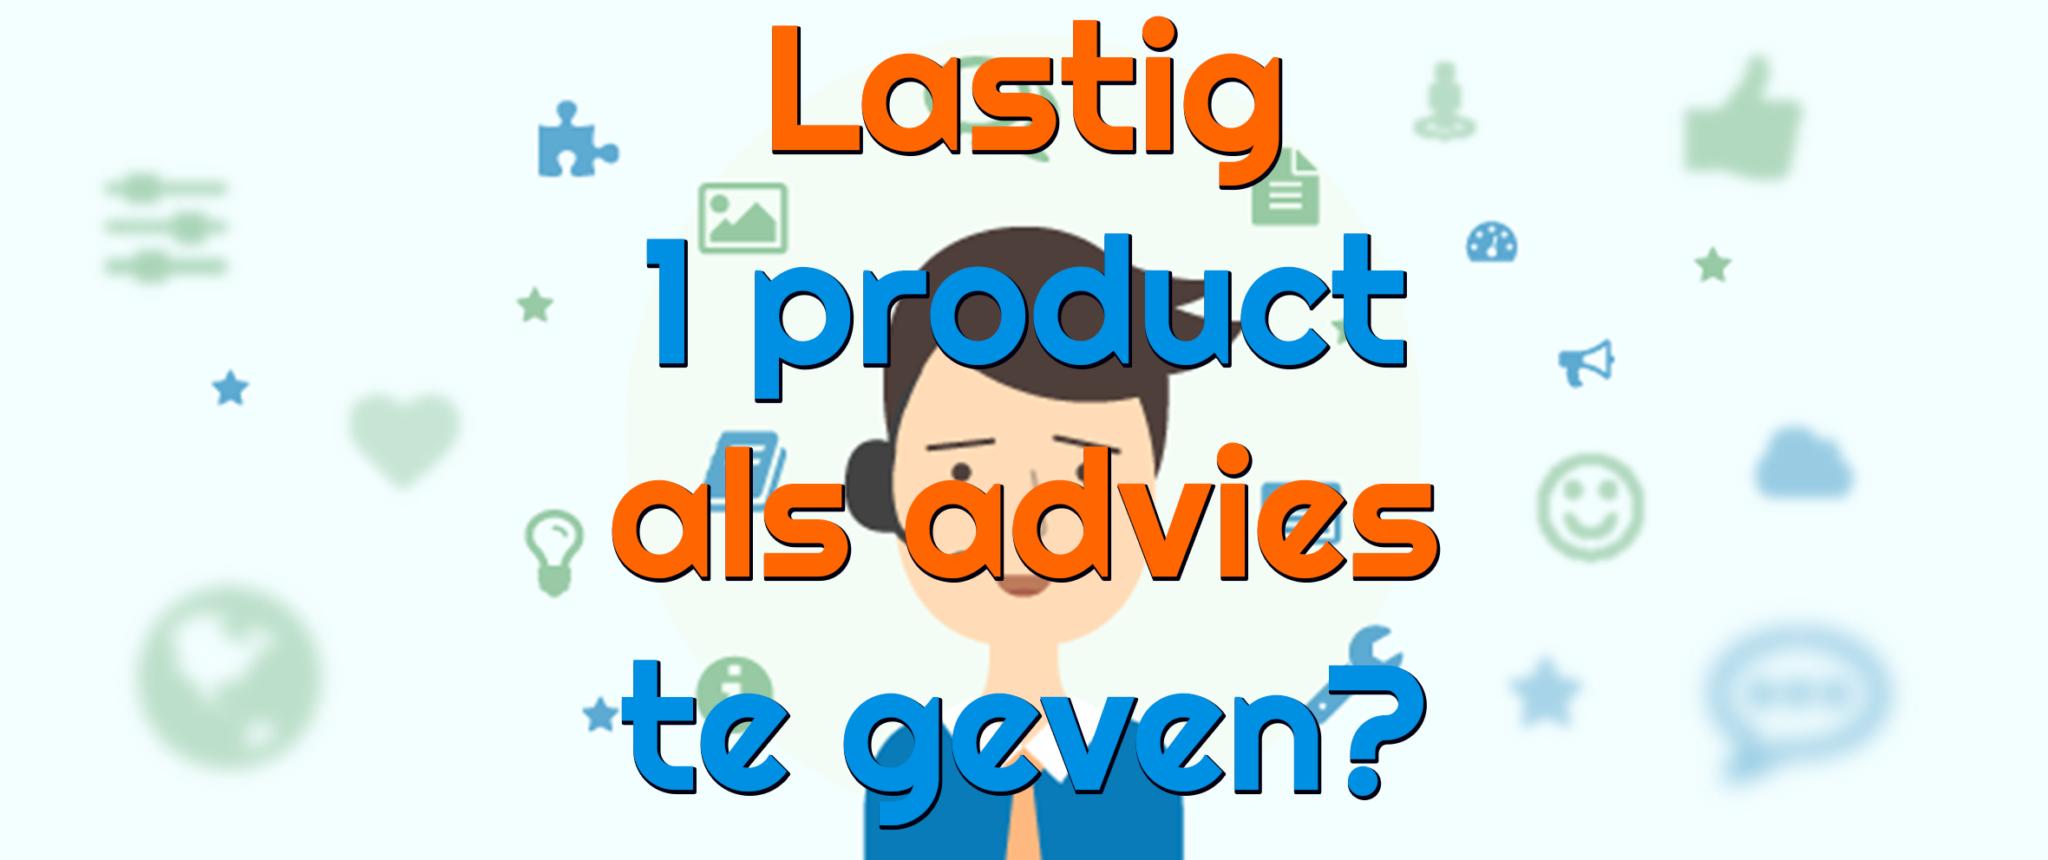 Waarom is het lastig om 1 product te geven bij advies?